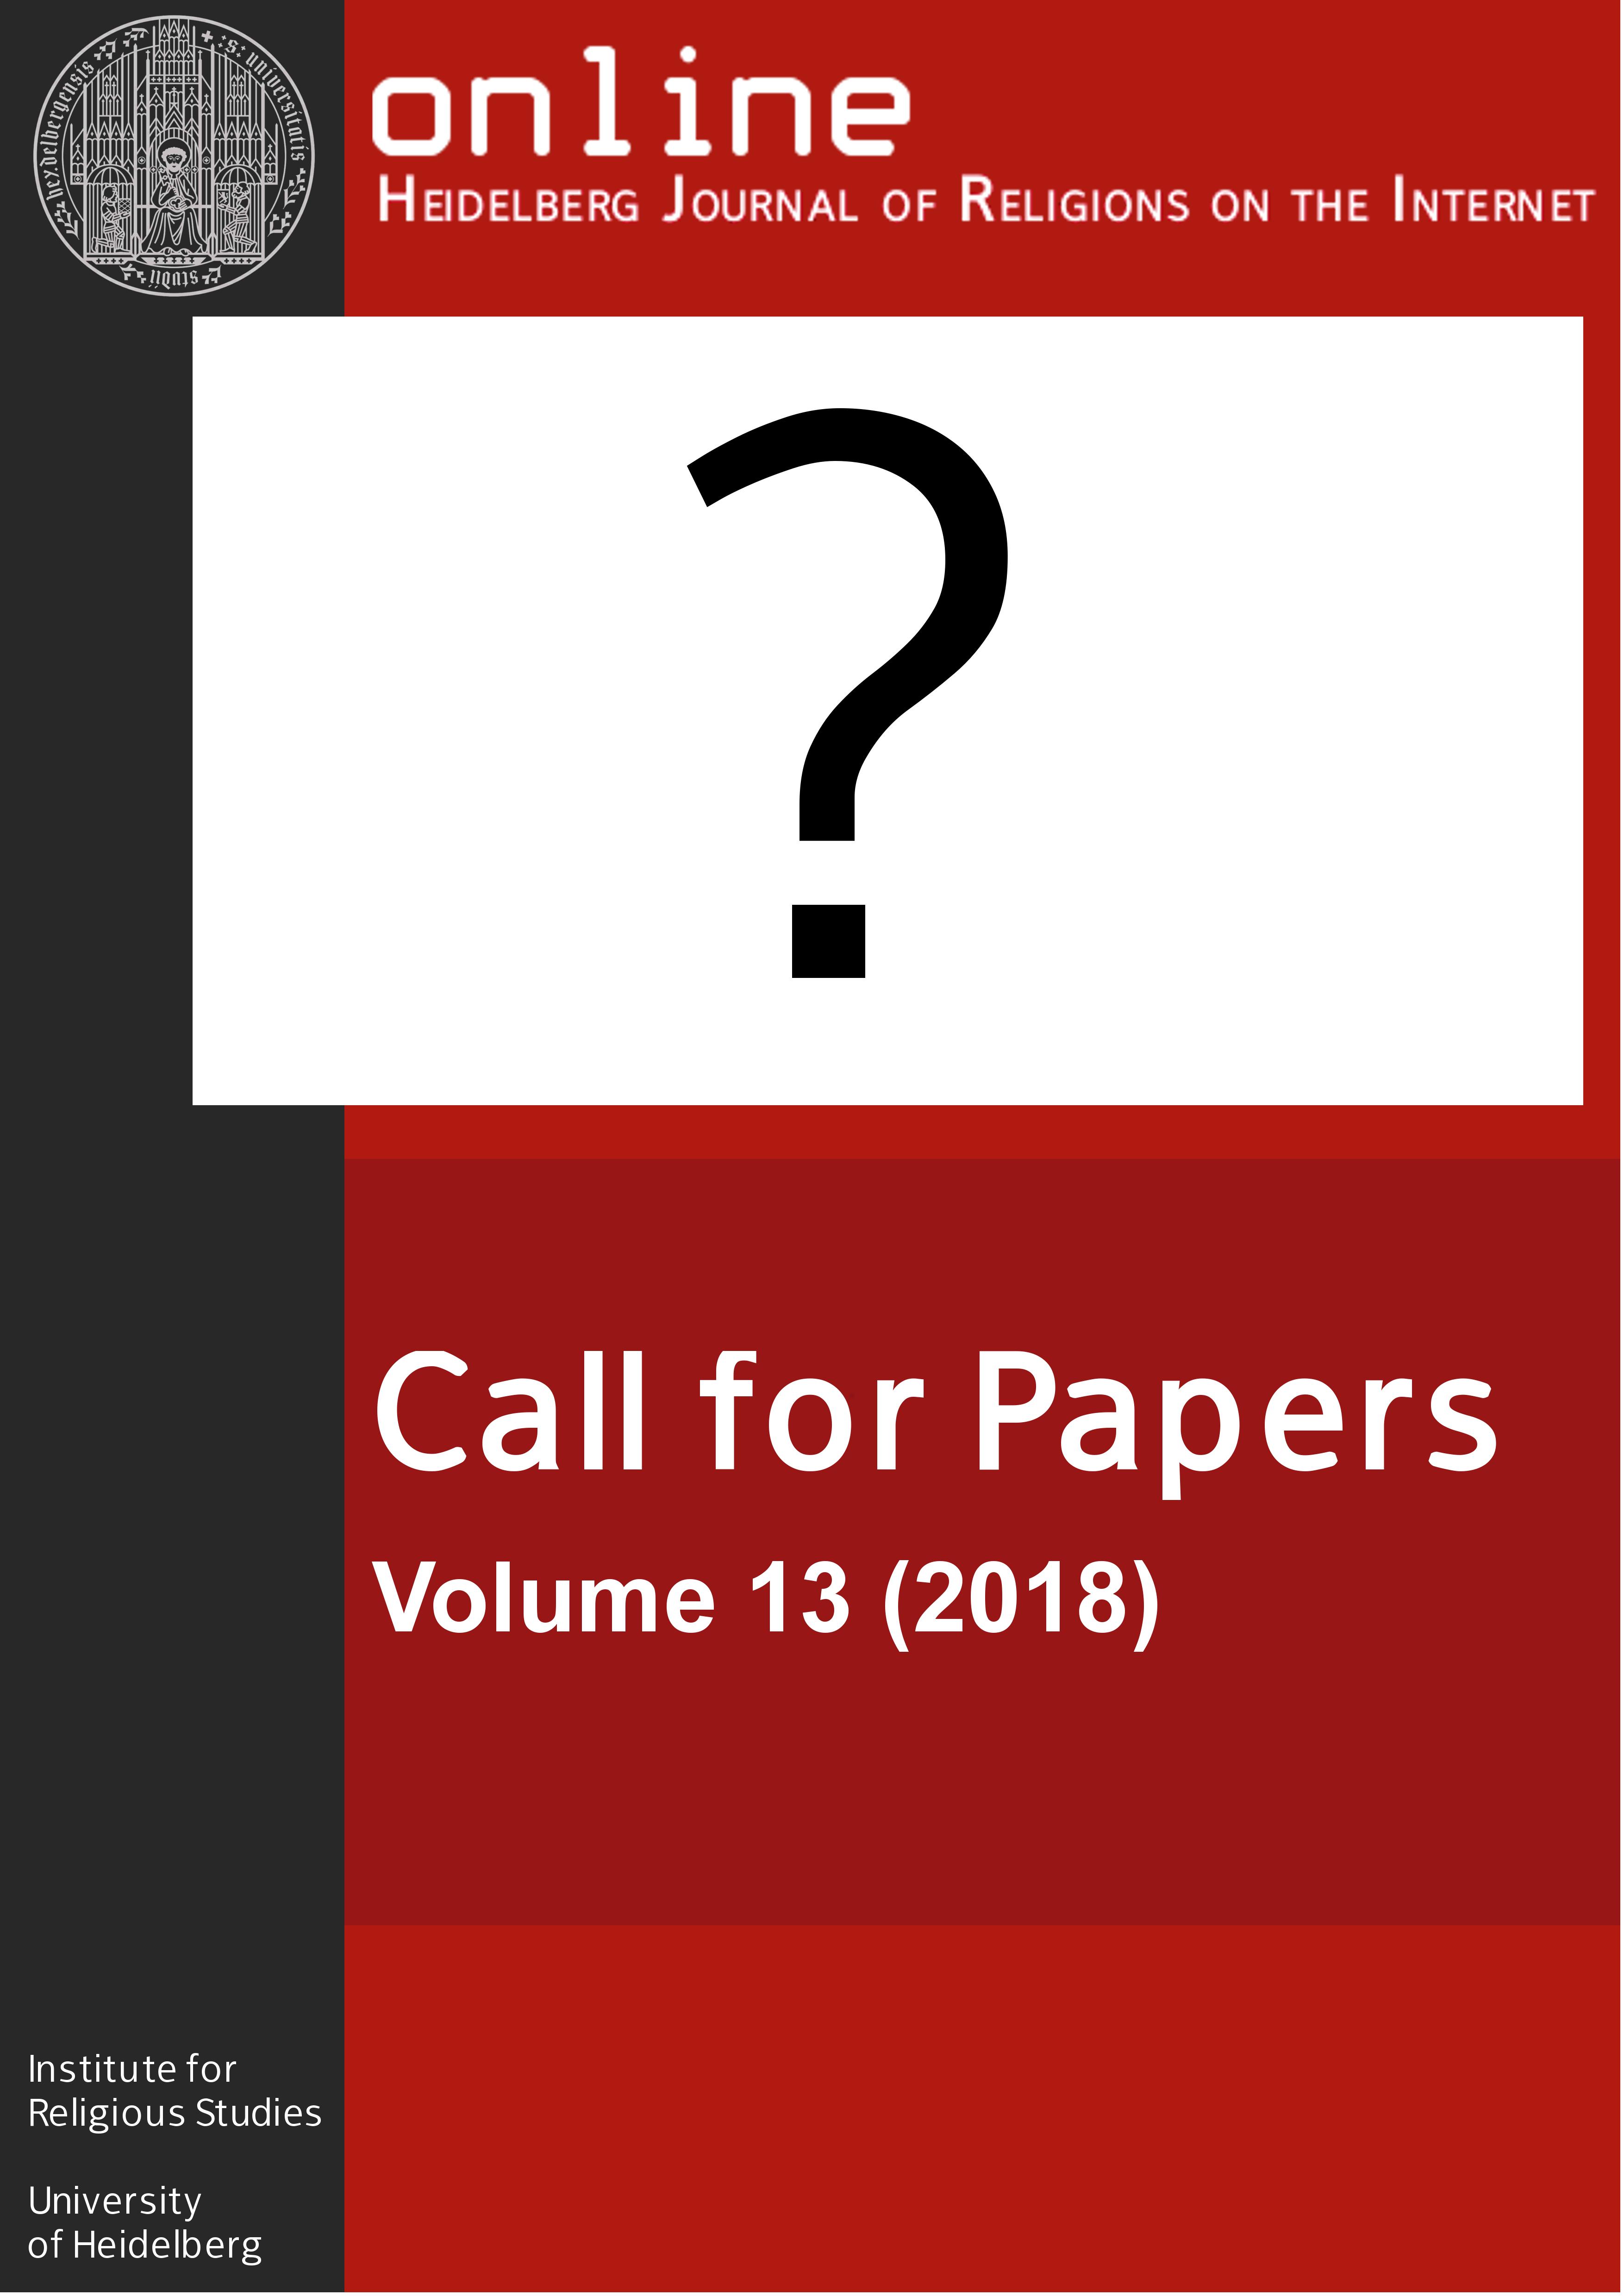 Online - Heidelberg Journal of Religions on the Internet